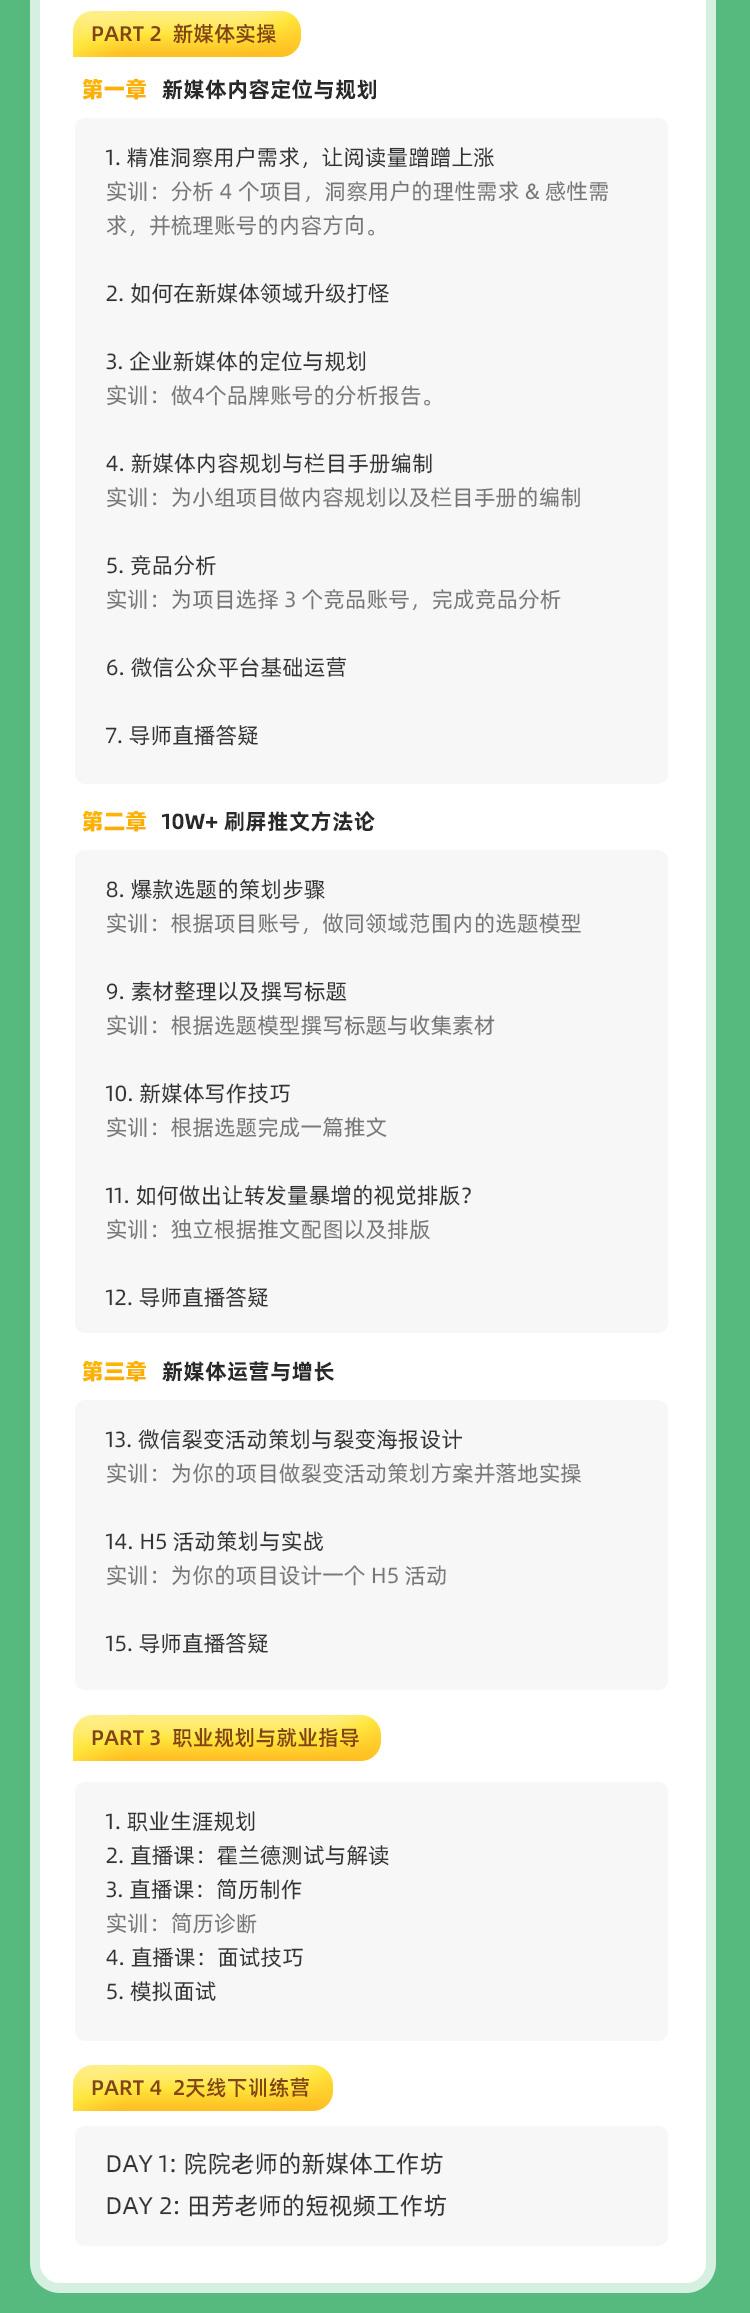 http://mtedu-img.oss-cn-beijing-internal.aliyuncs.com/ueditor/20200706121231_625878.jpg